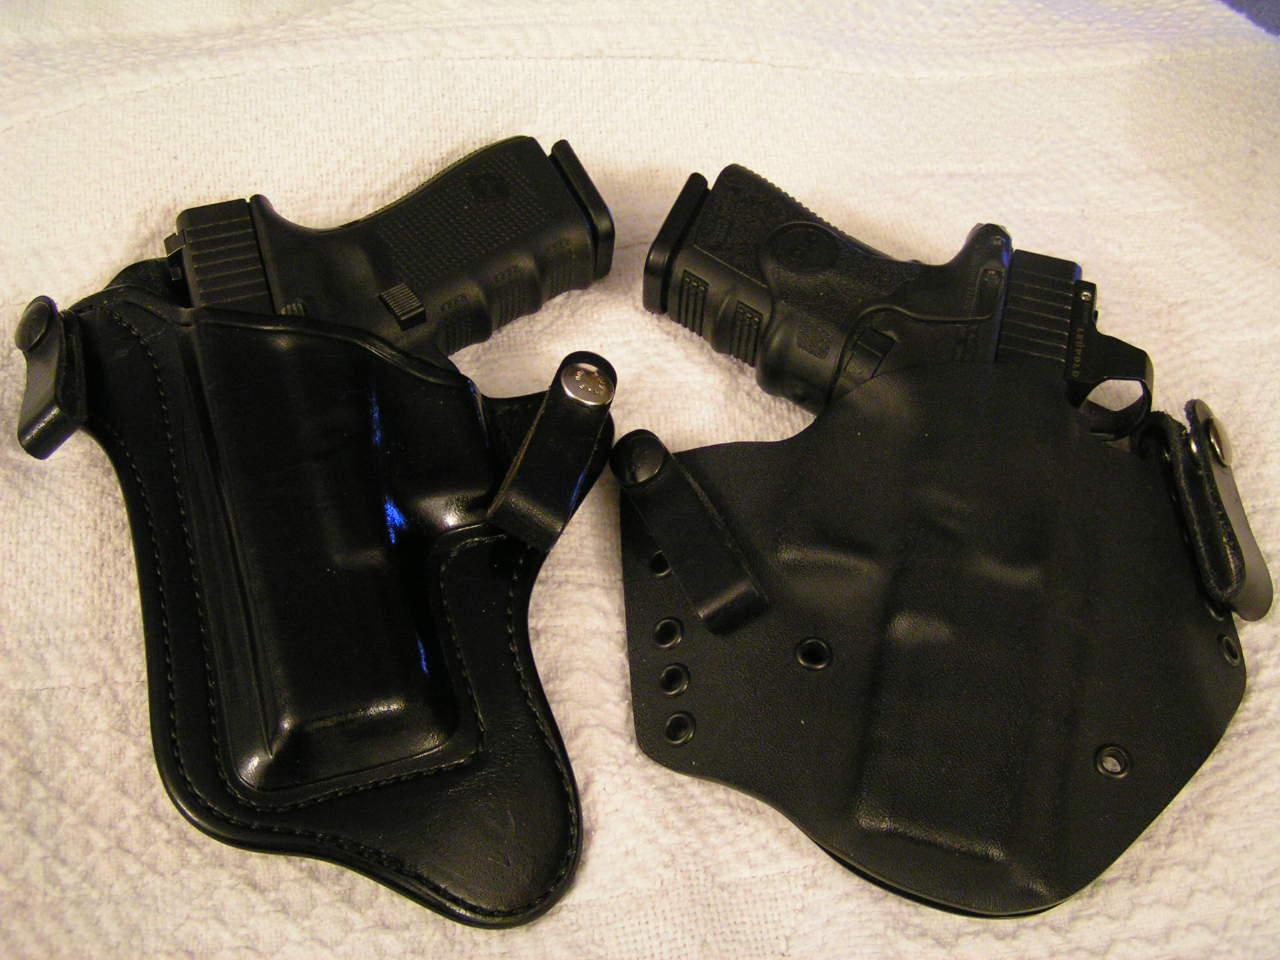 Glock 19 vs Walther PPK/S .380-glocks-edc-007.jpg